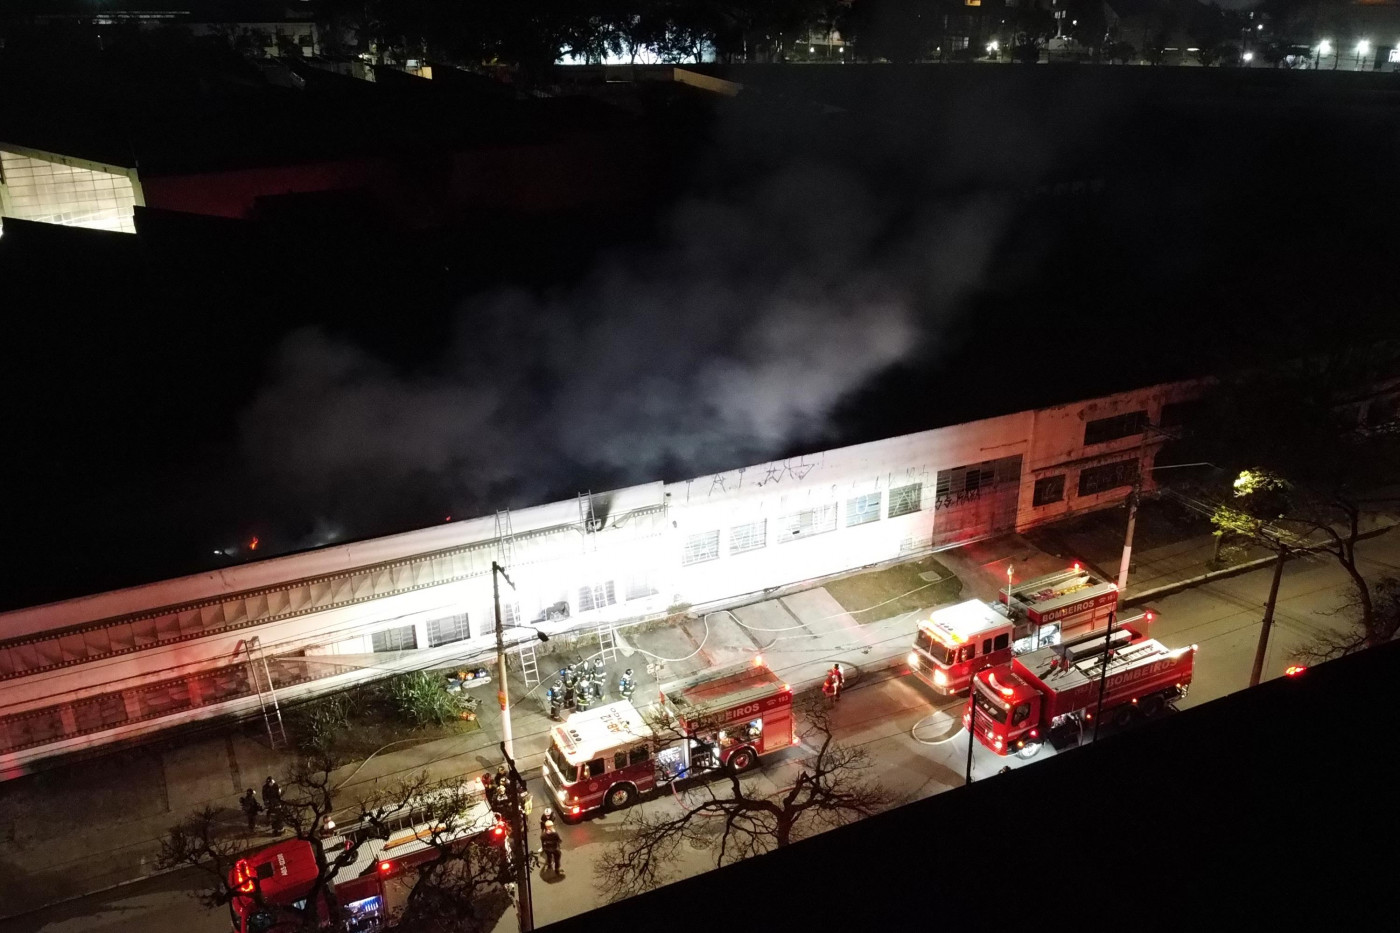 Estabelecimento com corpo de bombeiros na frente após apagar incêndio